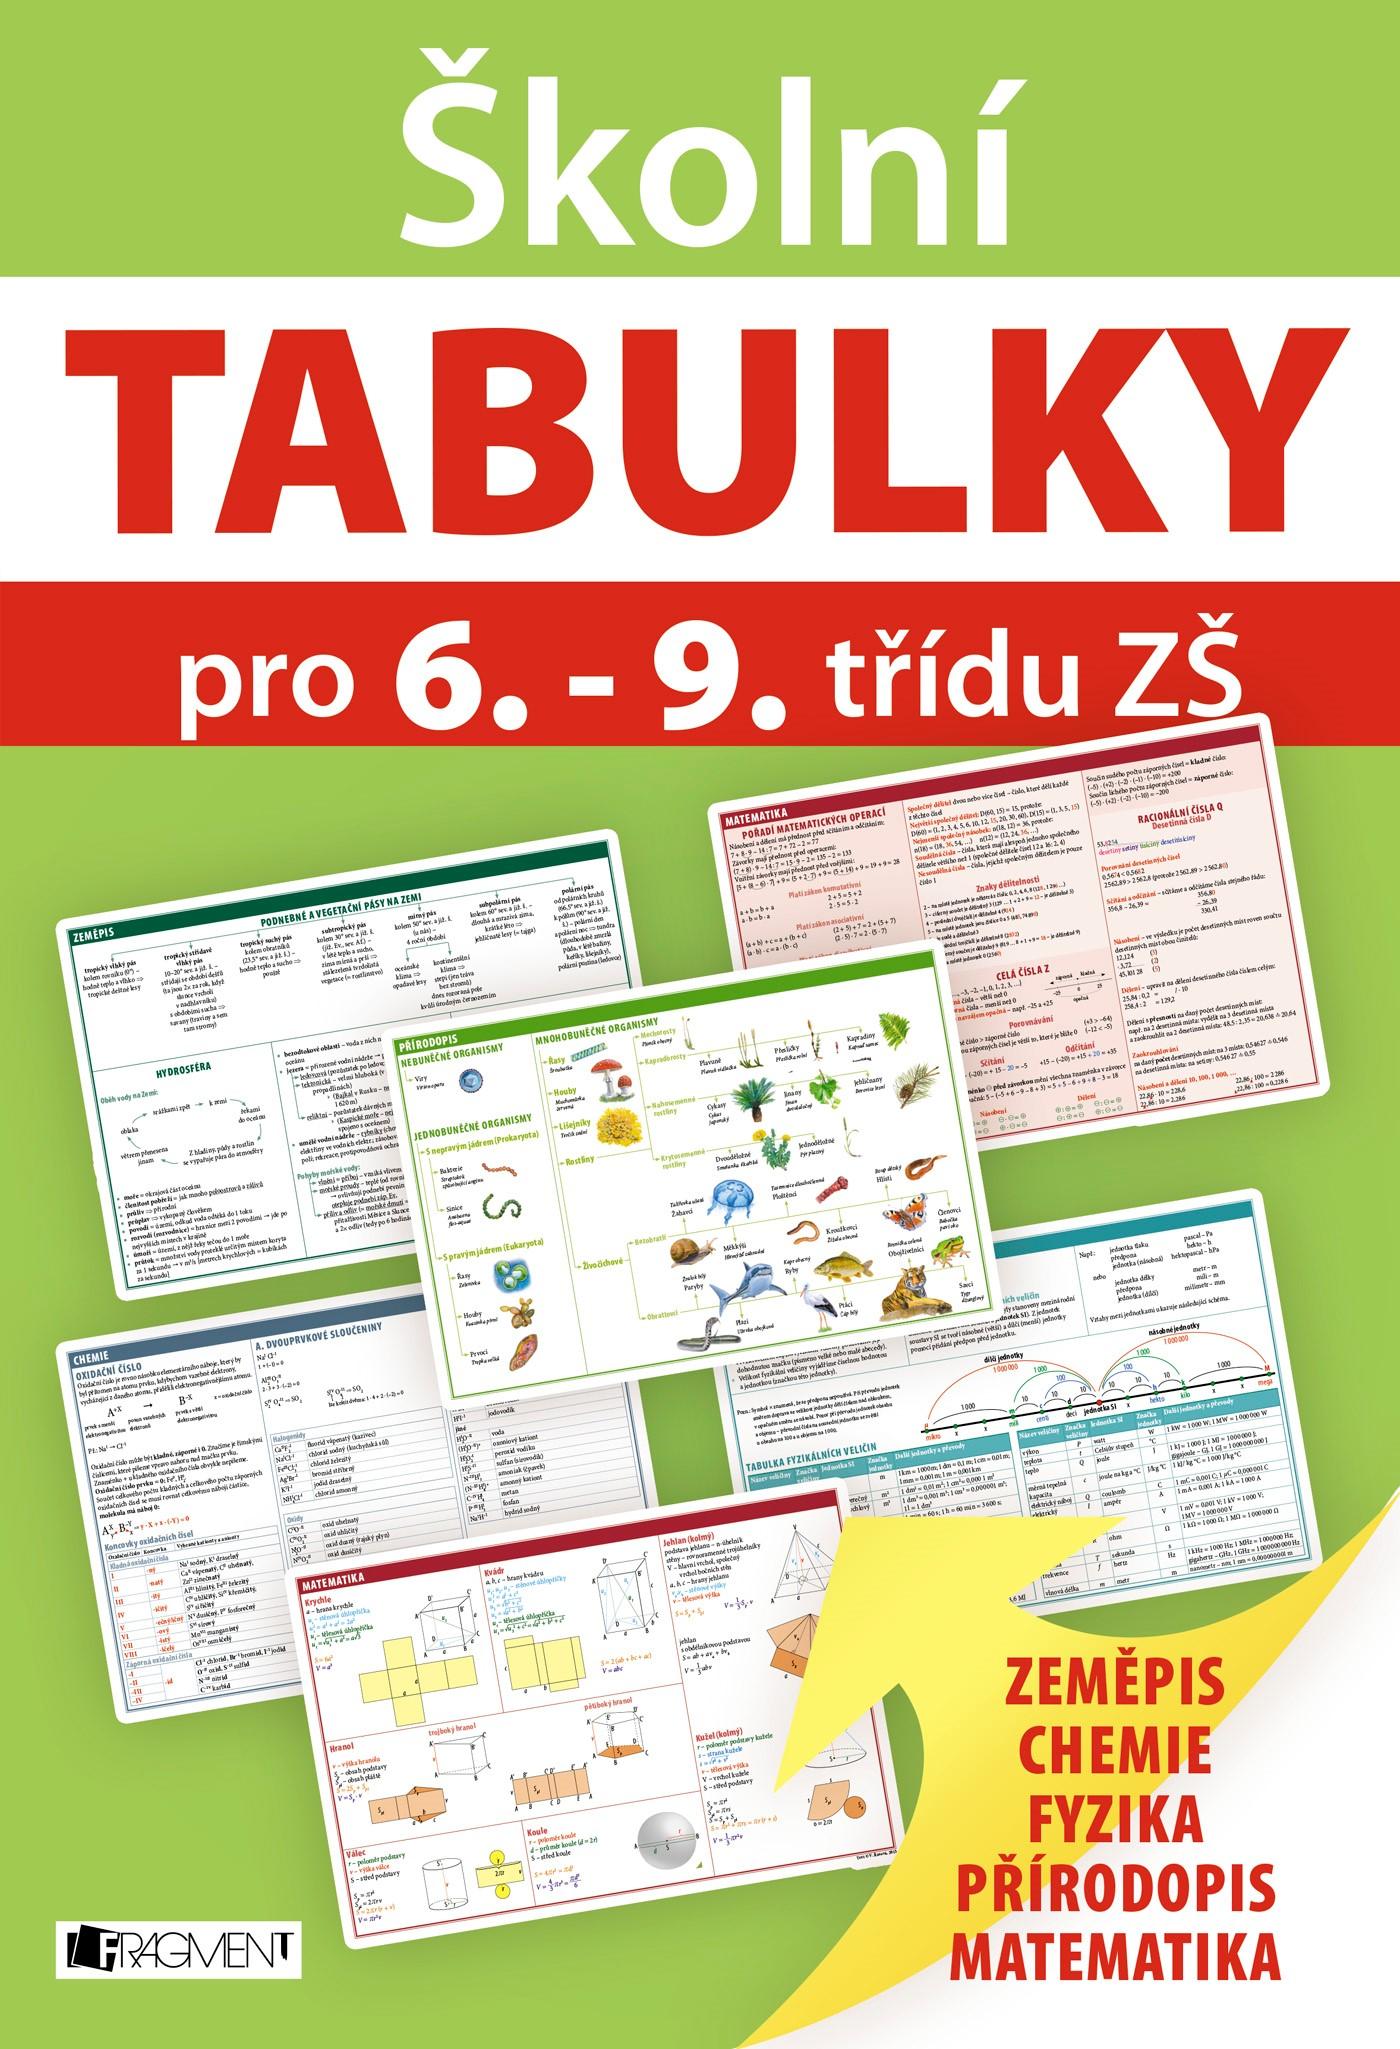 Školní TABULKY pro 6.-9. třídu ZŠ (přírodovědné předměty)